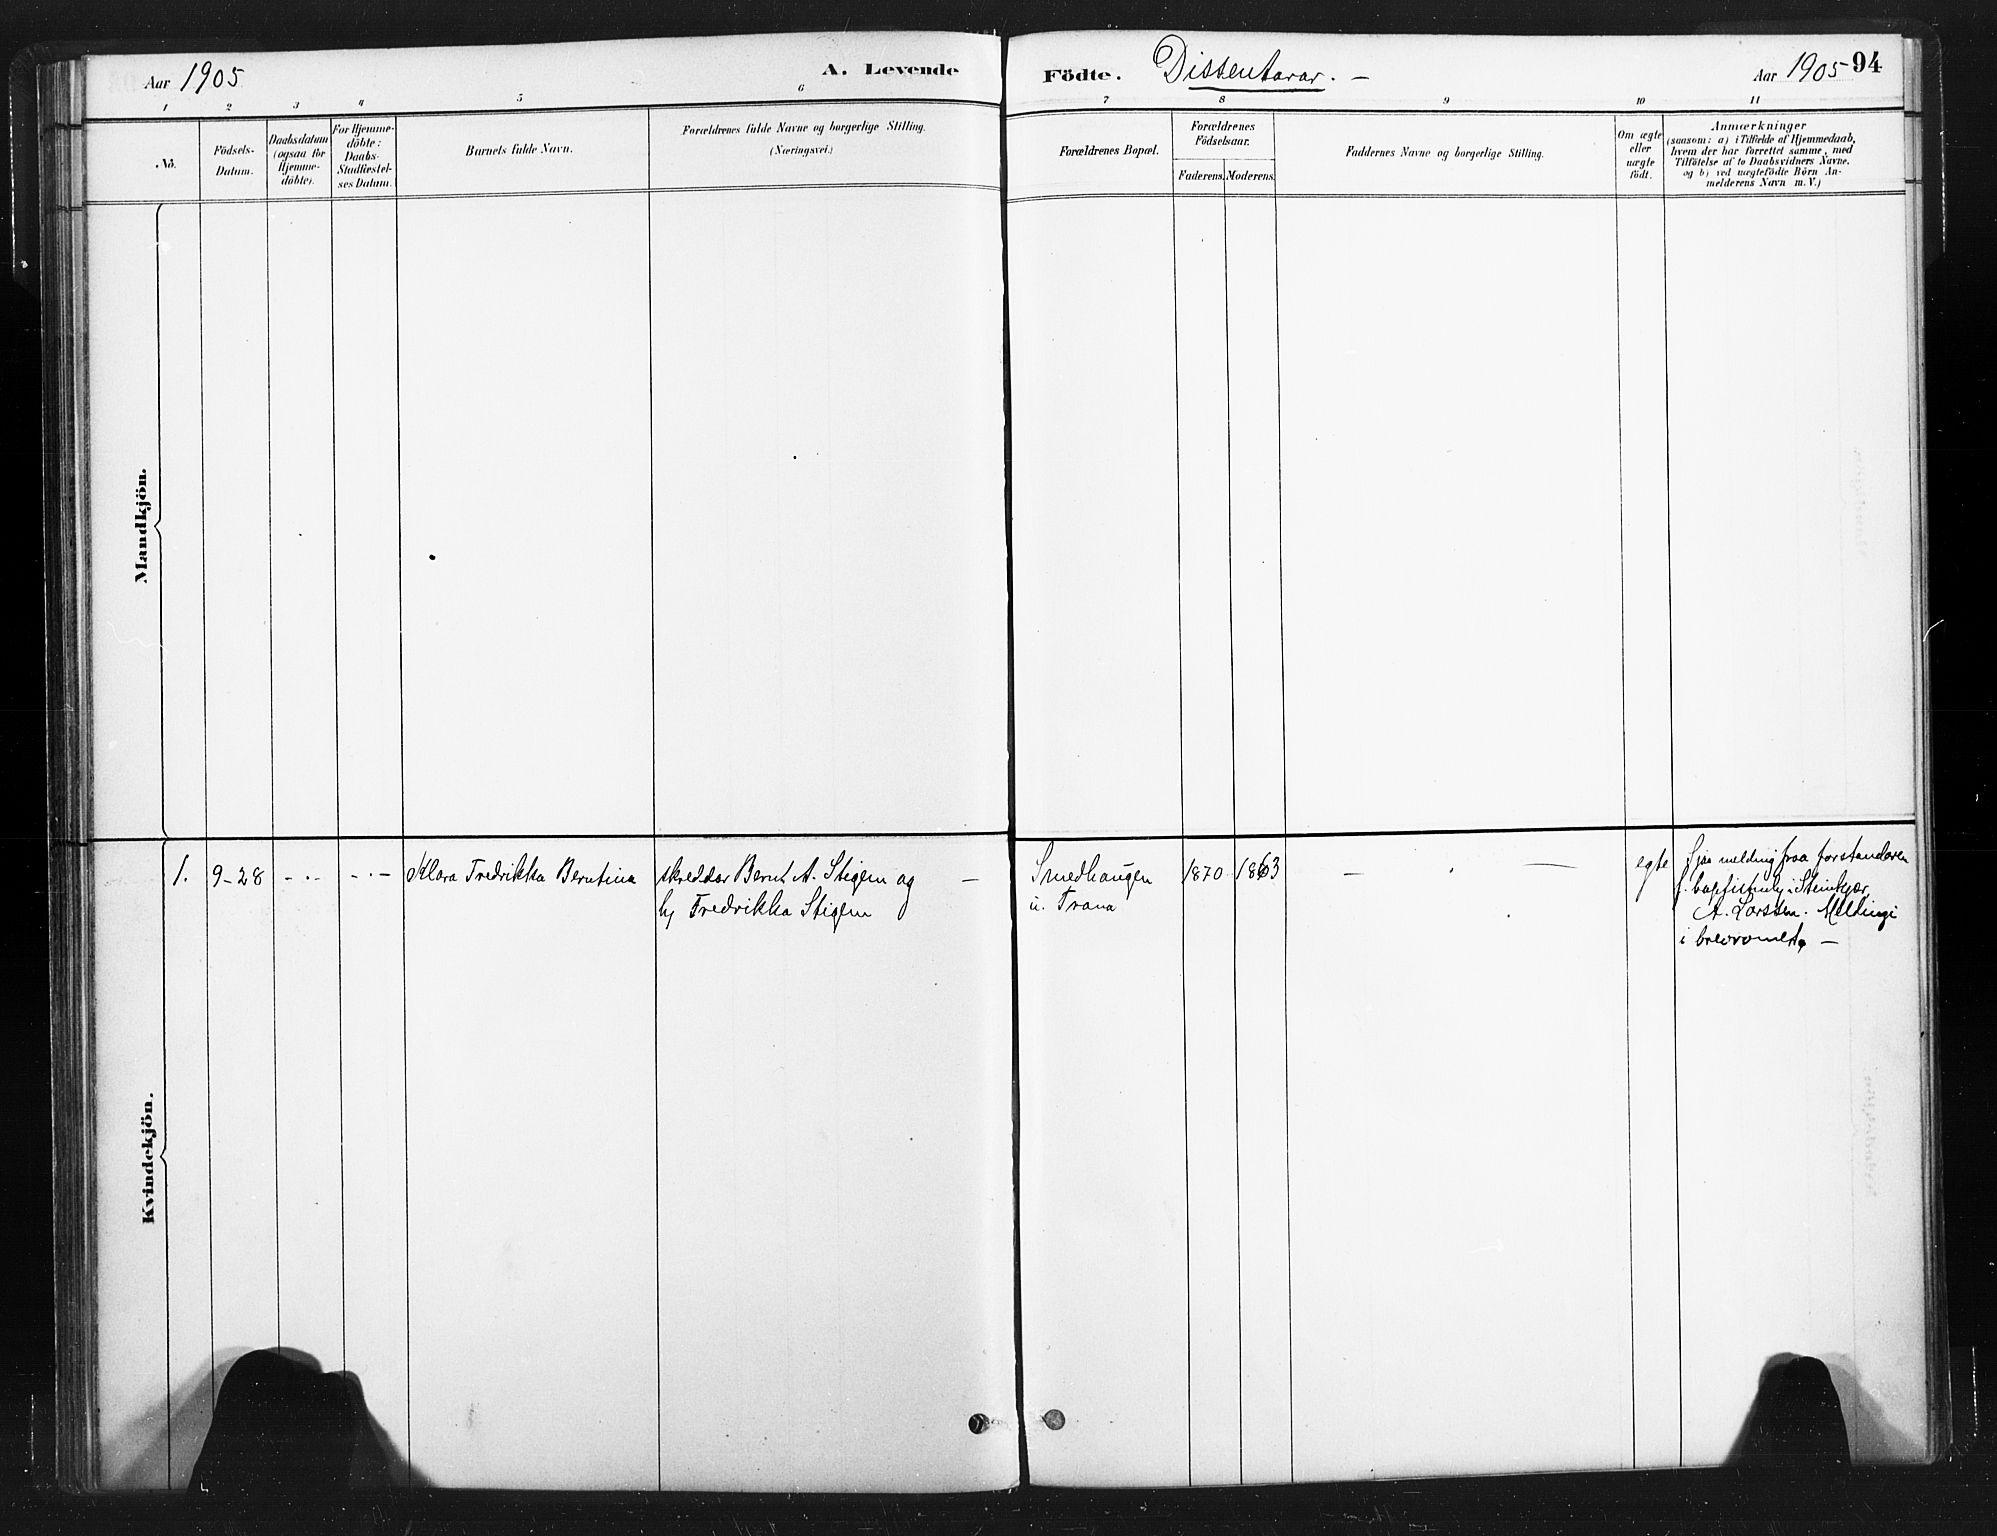 SAT, Ministerialprotokoller, klokkerbøker og fødselsregistre - Nord-Trøndelag, 736/L0361: Ministerialbok nr. 736A01, 1884-1906, s. 94